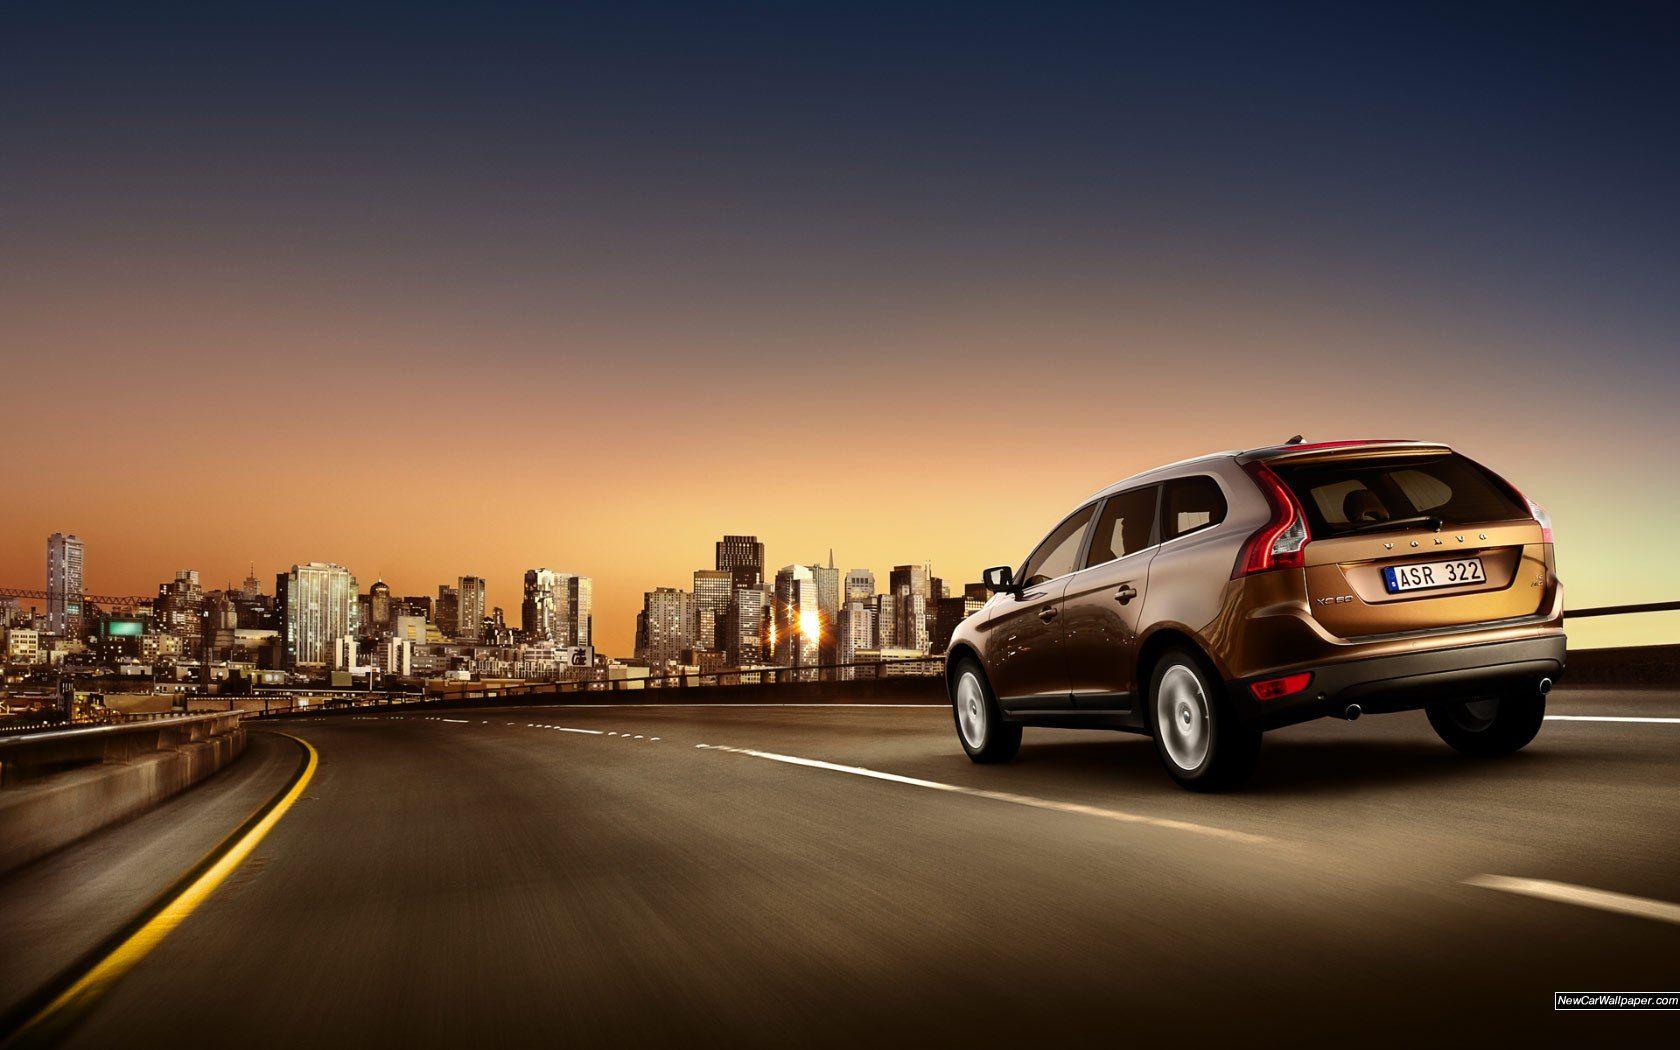 نصائح لشراء السيارات في السعودية Car Rental Volvo Xc60 Car Rental Service